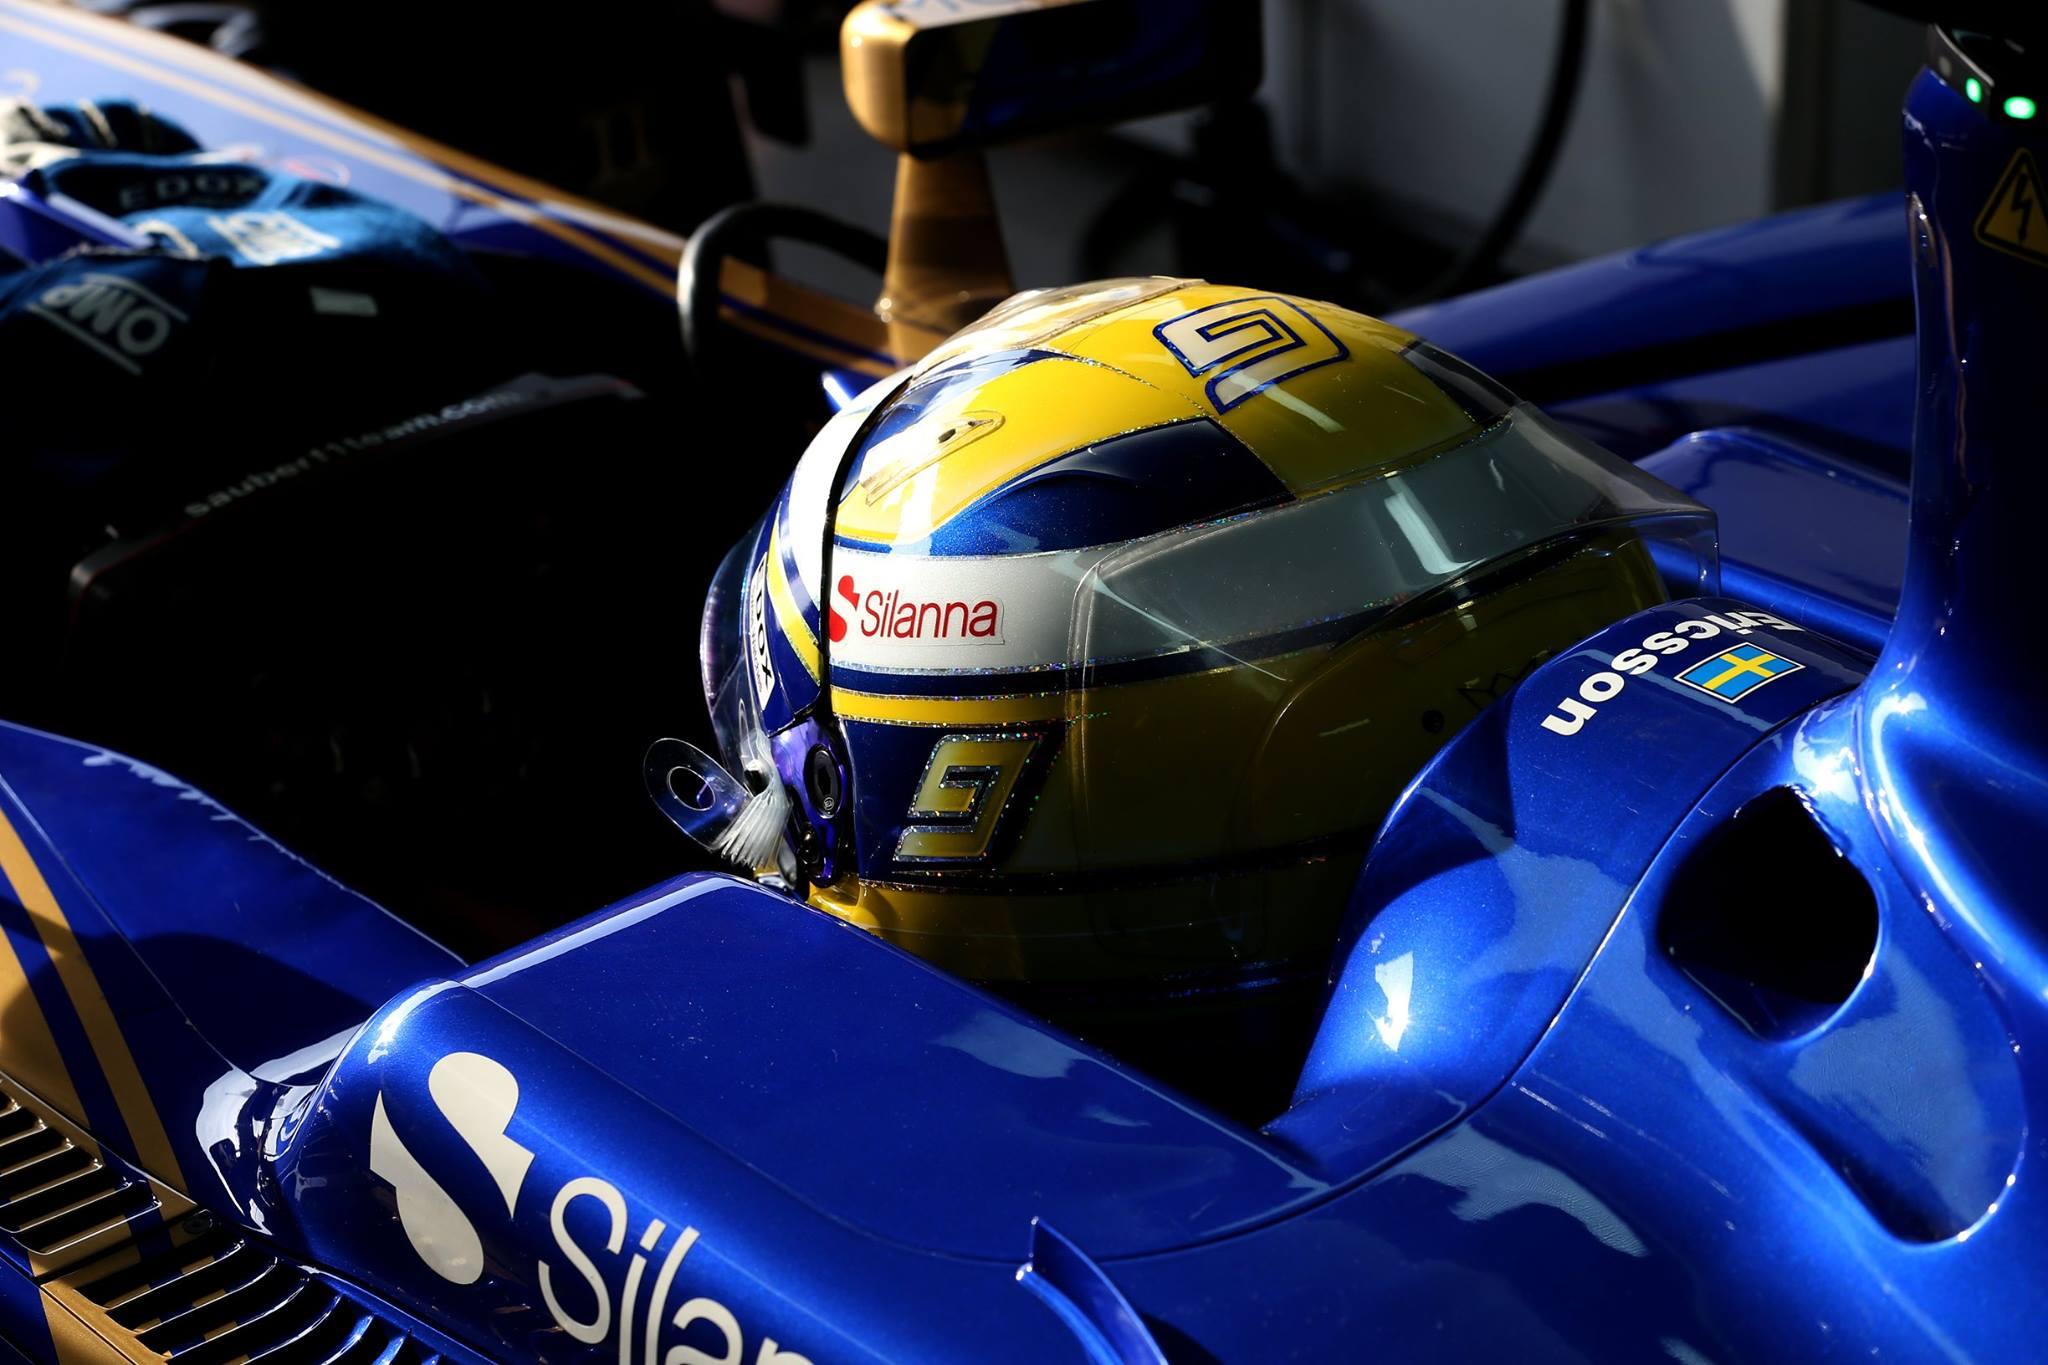 Även i år kör Marcus Ericsson i en bil klätt i blått och gult. Foto: Sauber F1 Team/Facebook